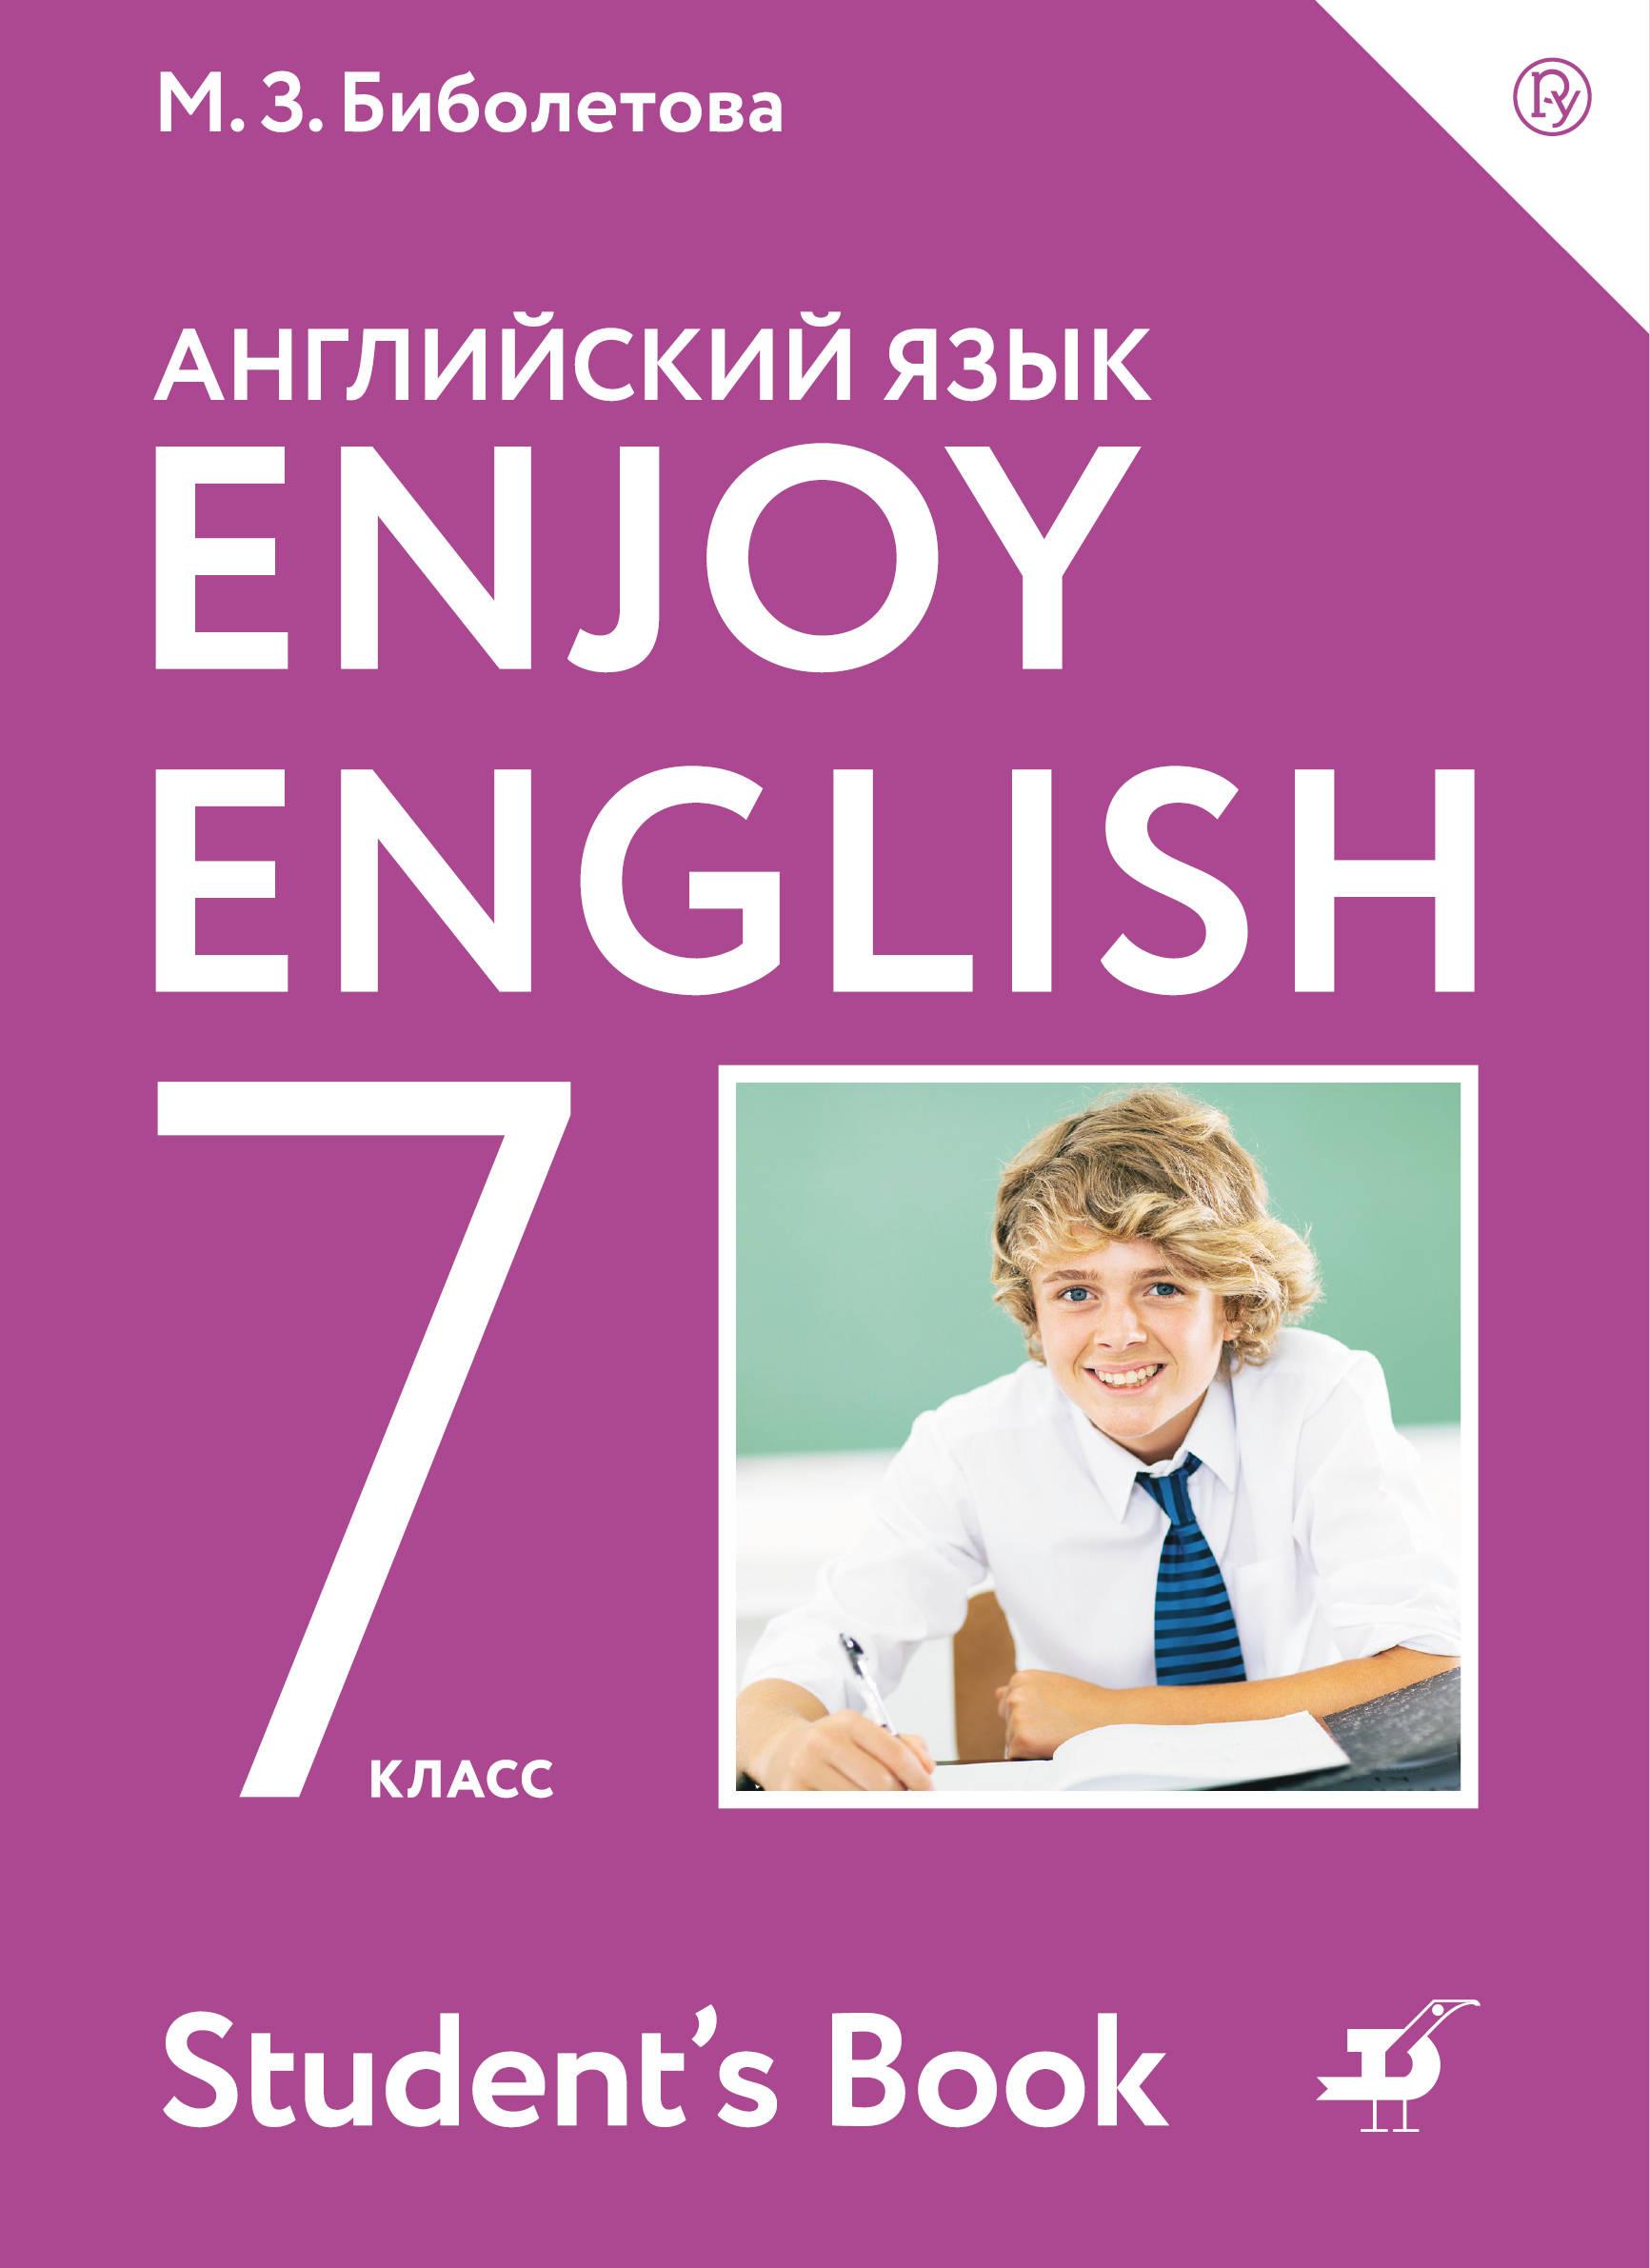 М. З. Биболетова Enjoy English / Английский с удовольствием. 7 класс. Учебник